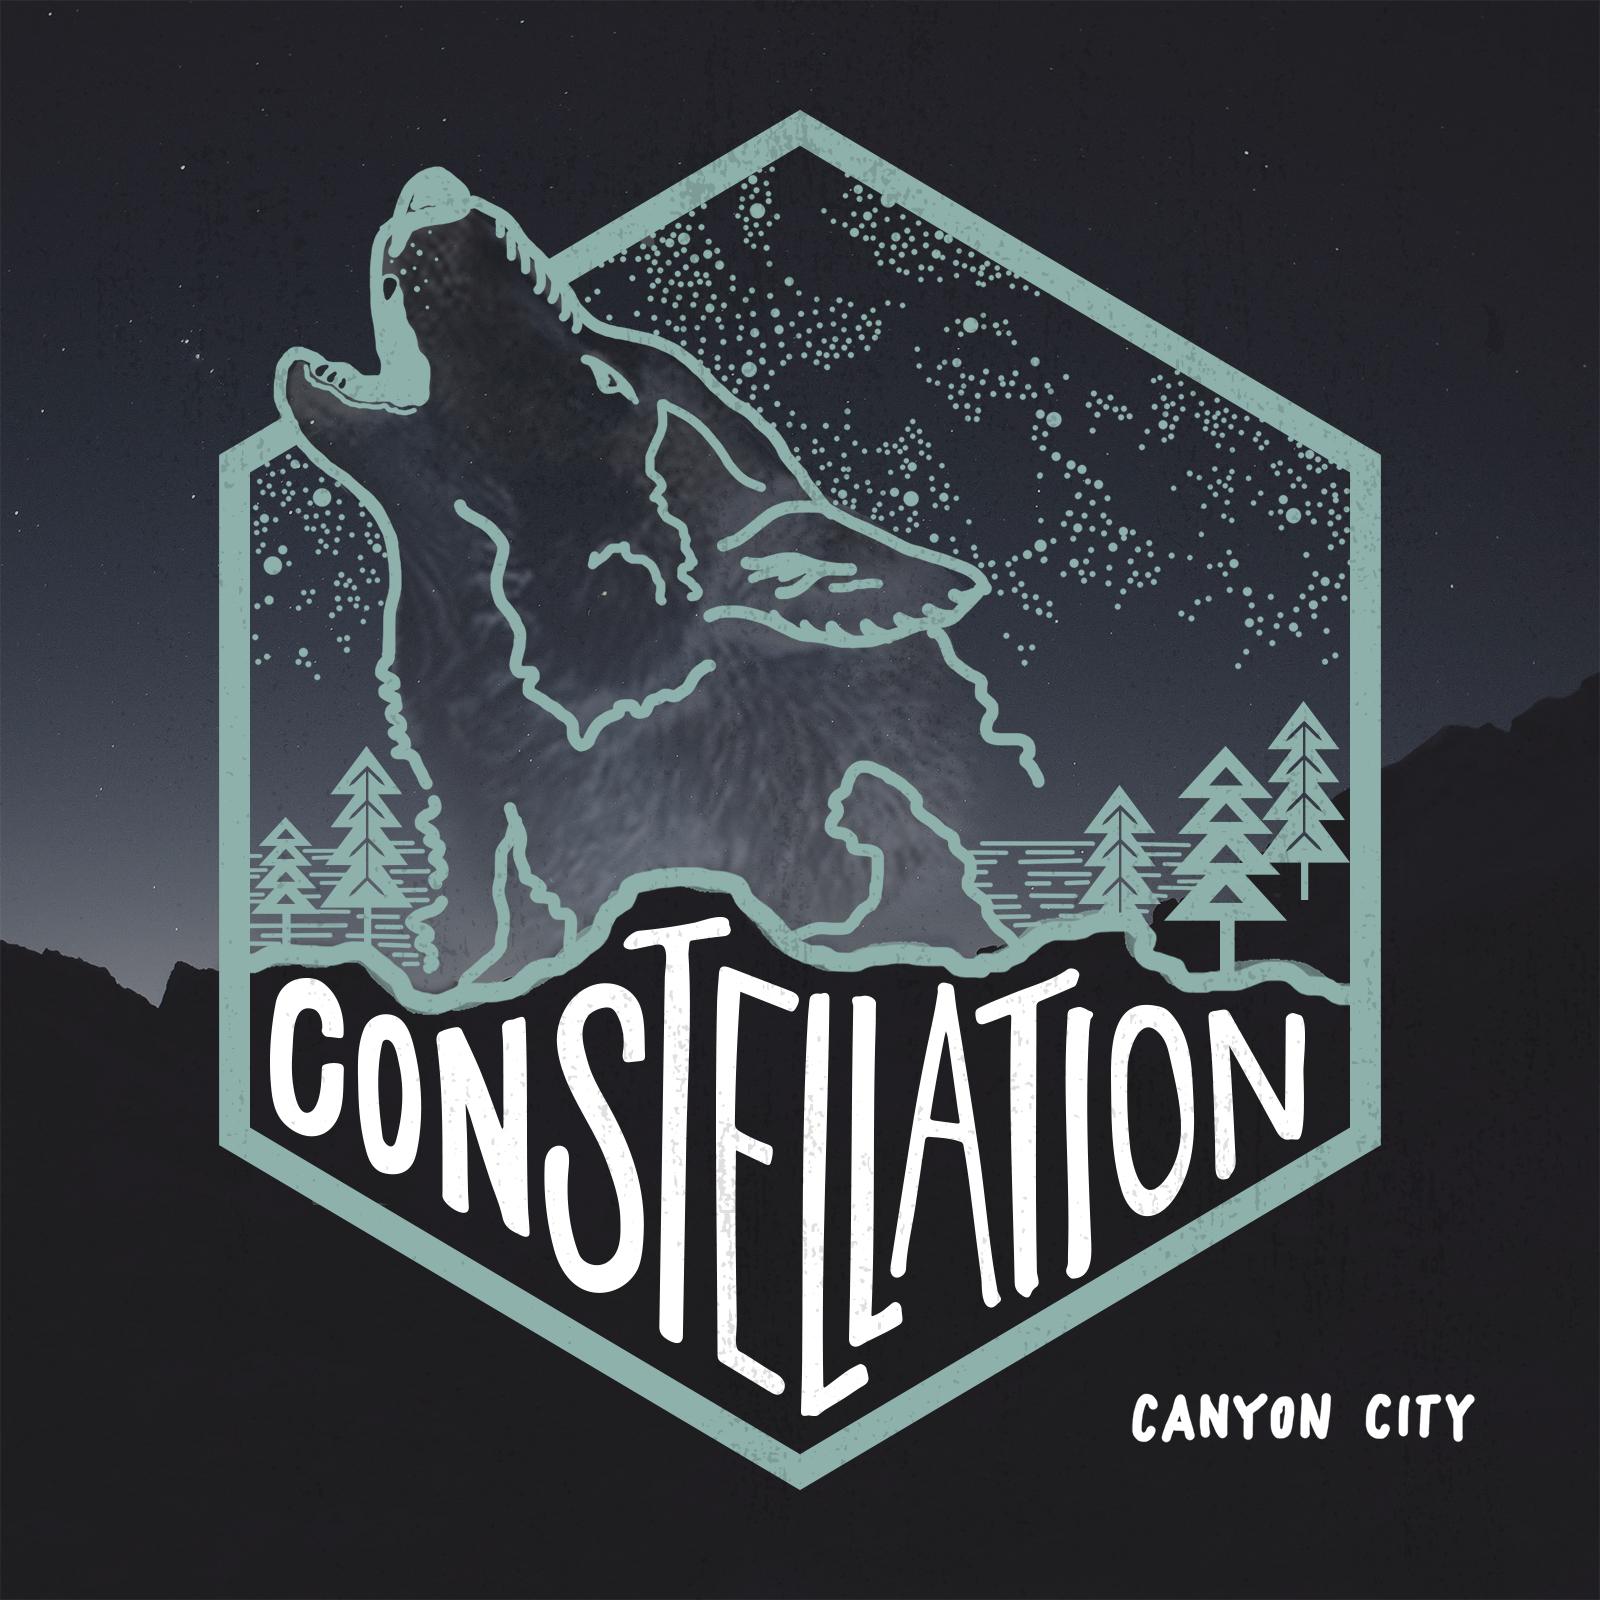 Constellation_final.jpg